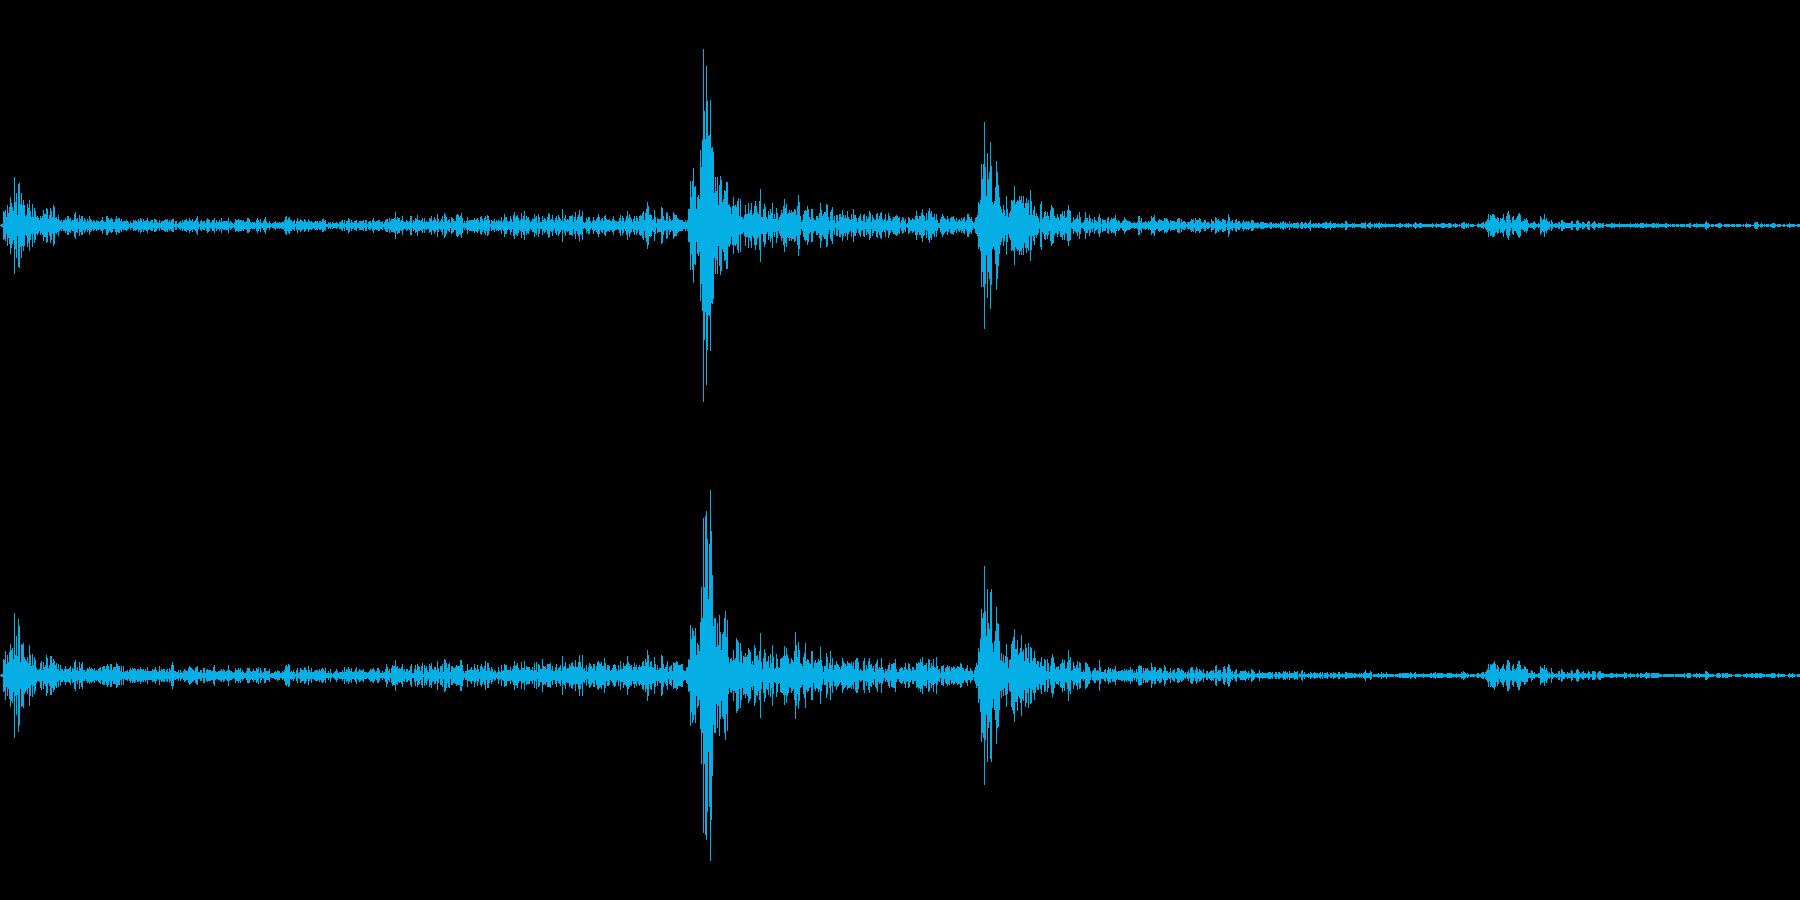 一眼レフのフラッシュが開く音の再生済みの波形